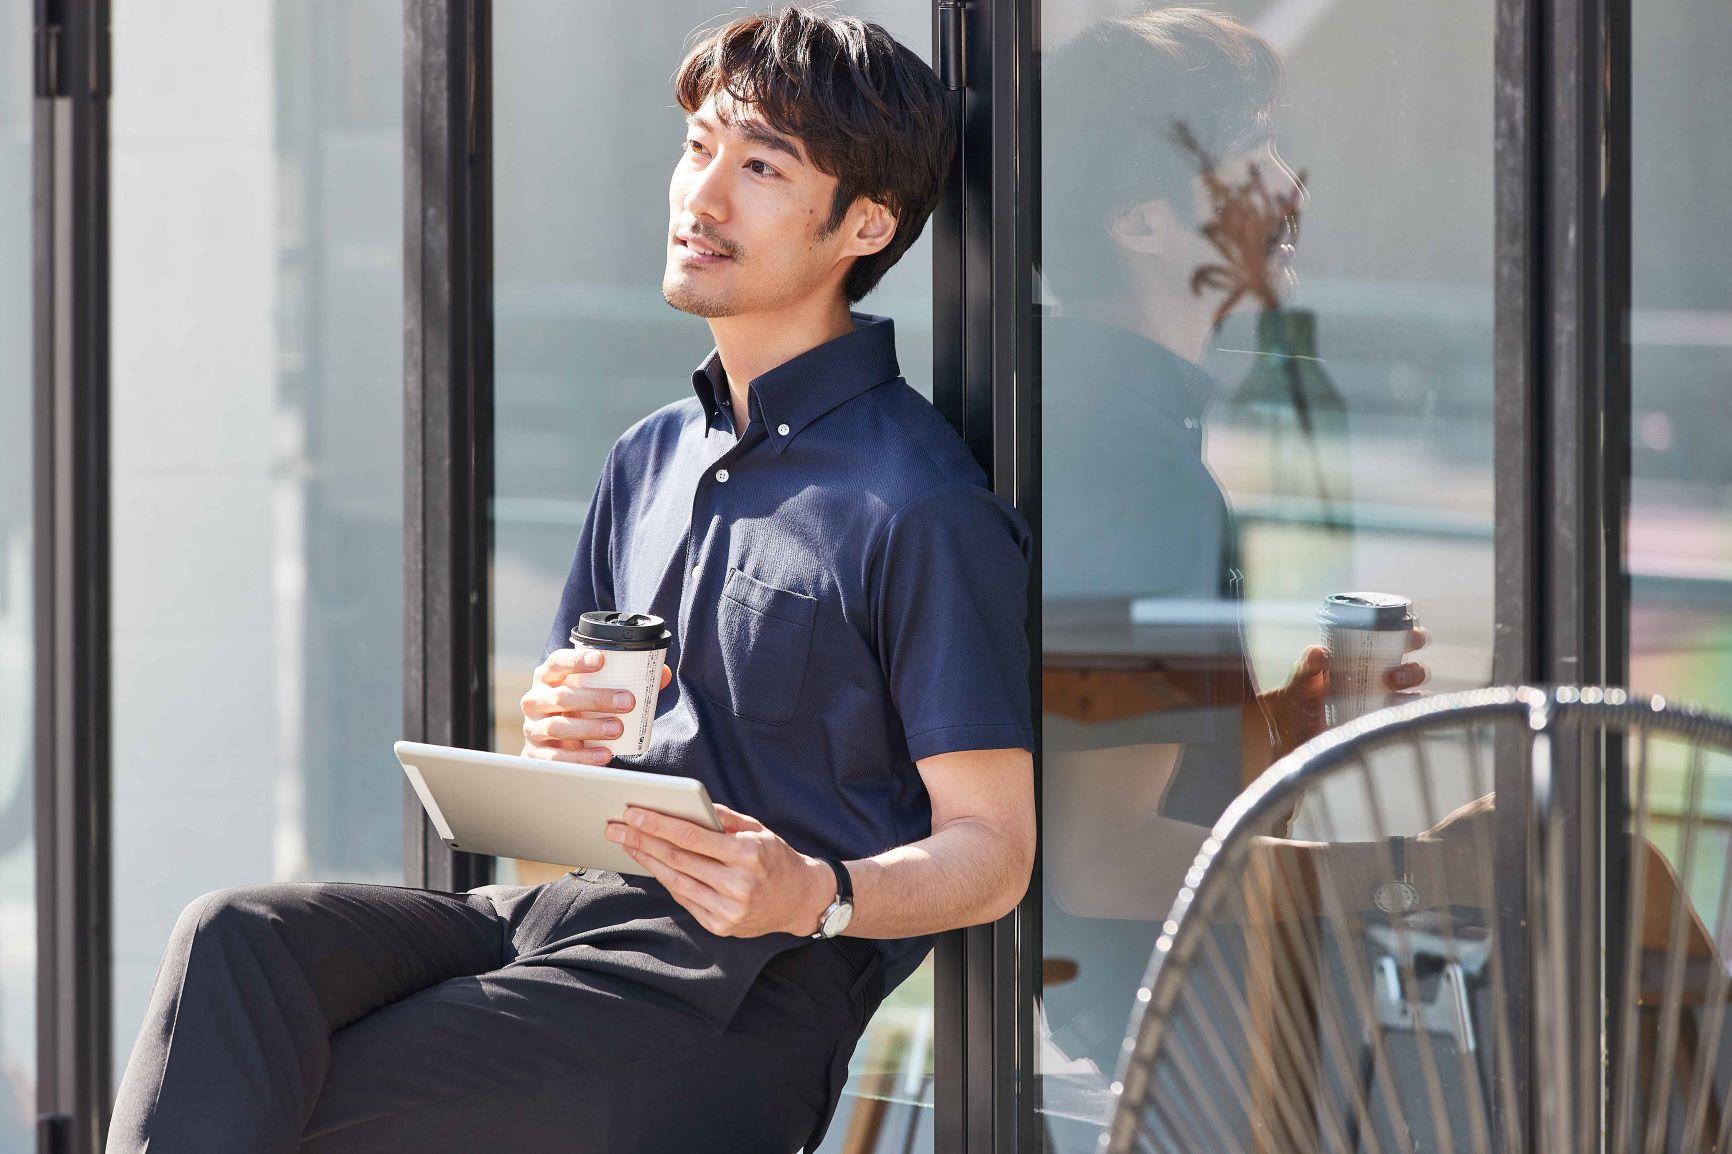 ビジネスからワークアウトまでシーンレスに使える夏用ポロシャツ発売~昨年の好評を受けて総商材数125%... 画像